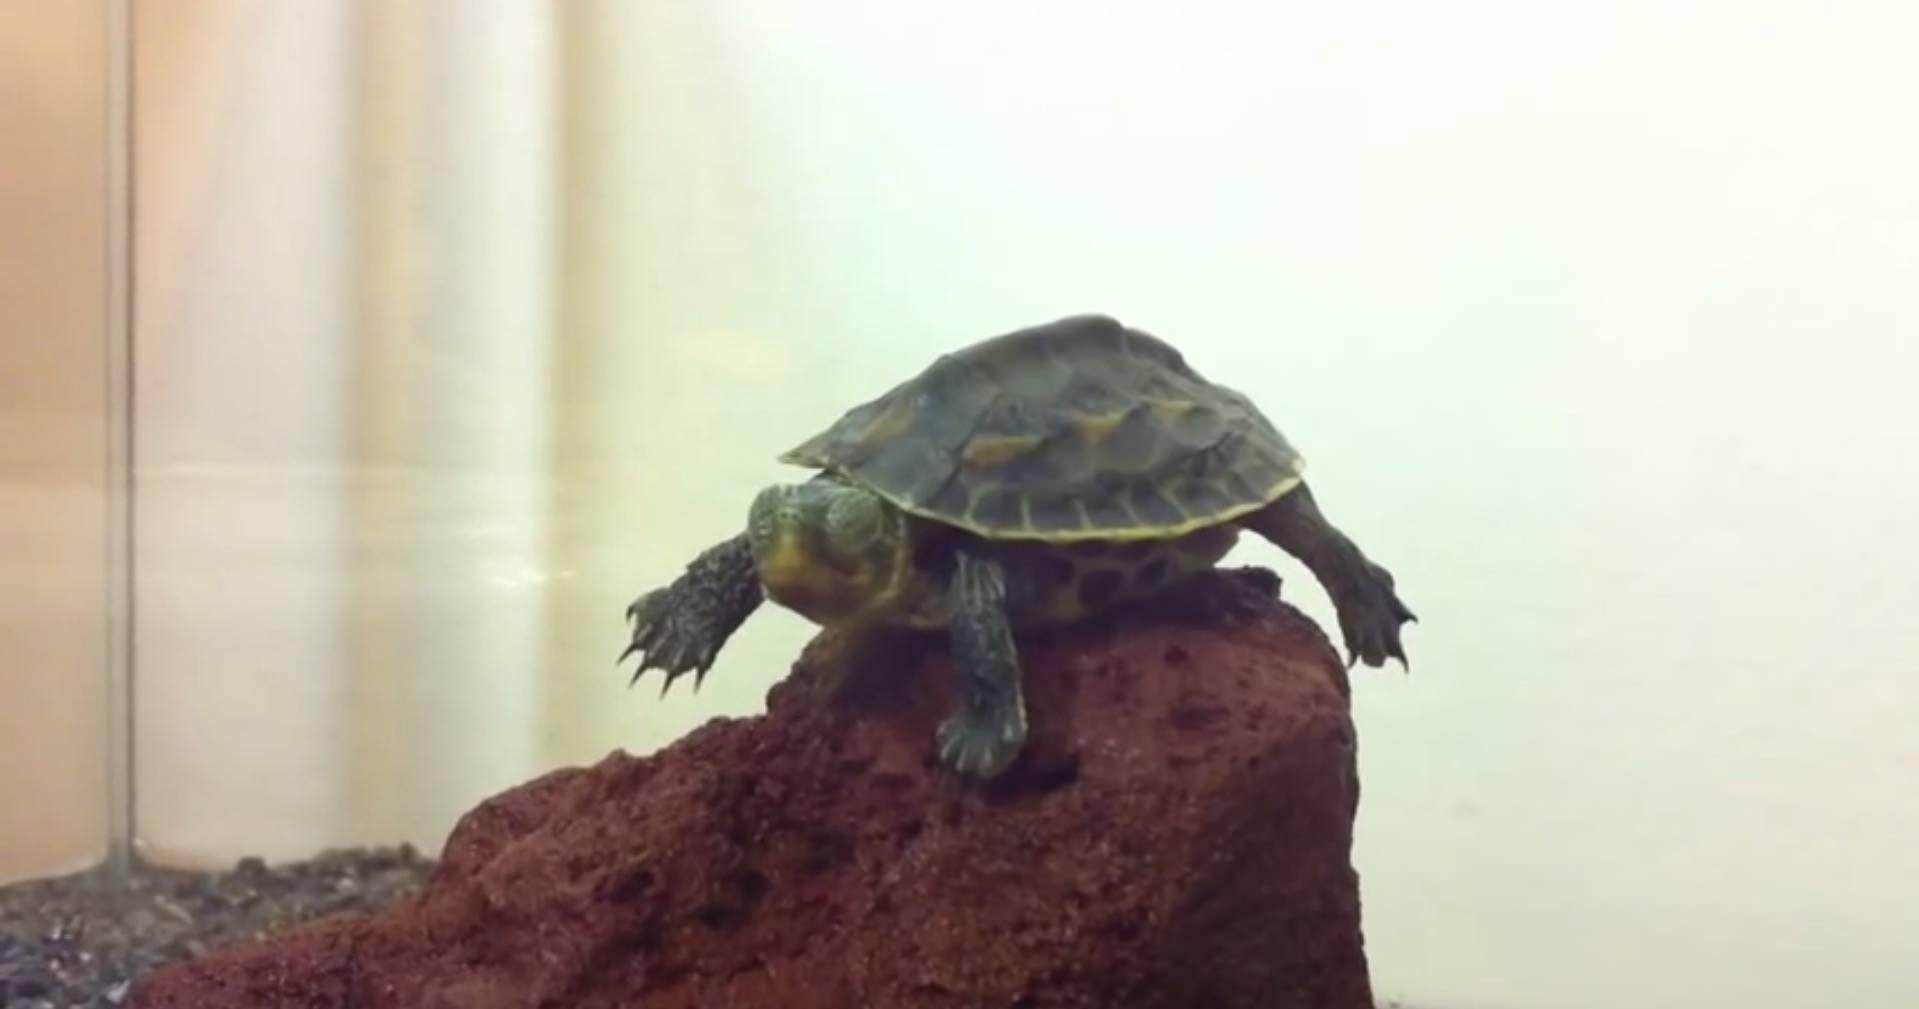 英國研究:烏龜取名「浩克」 睡覺容易叫不醒